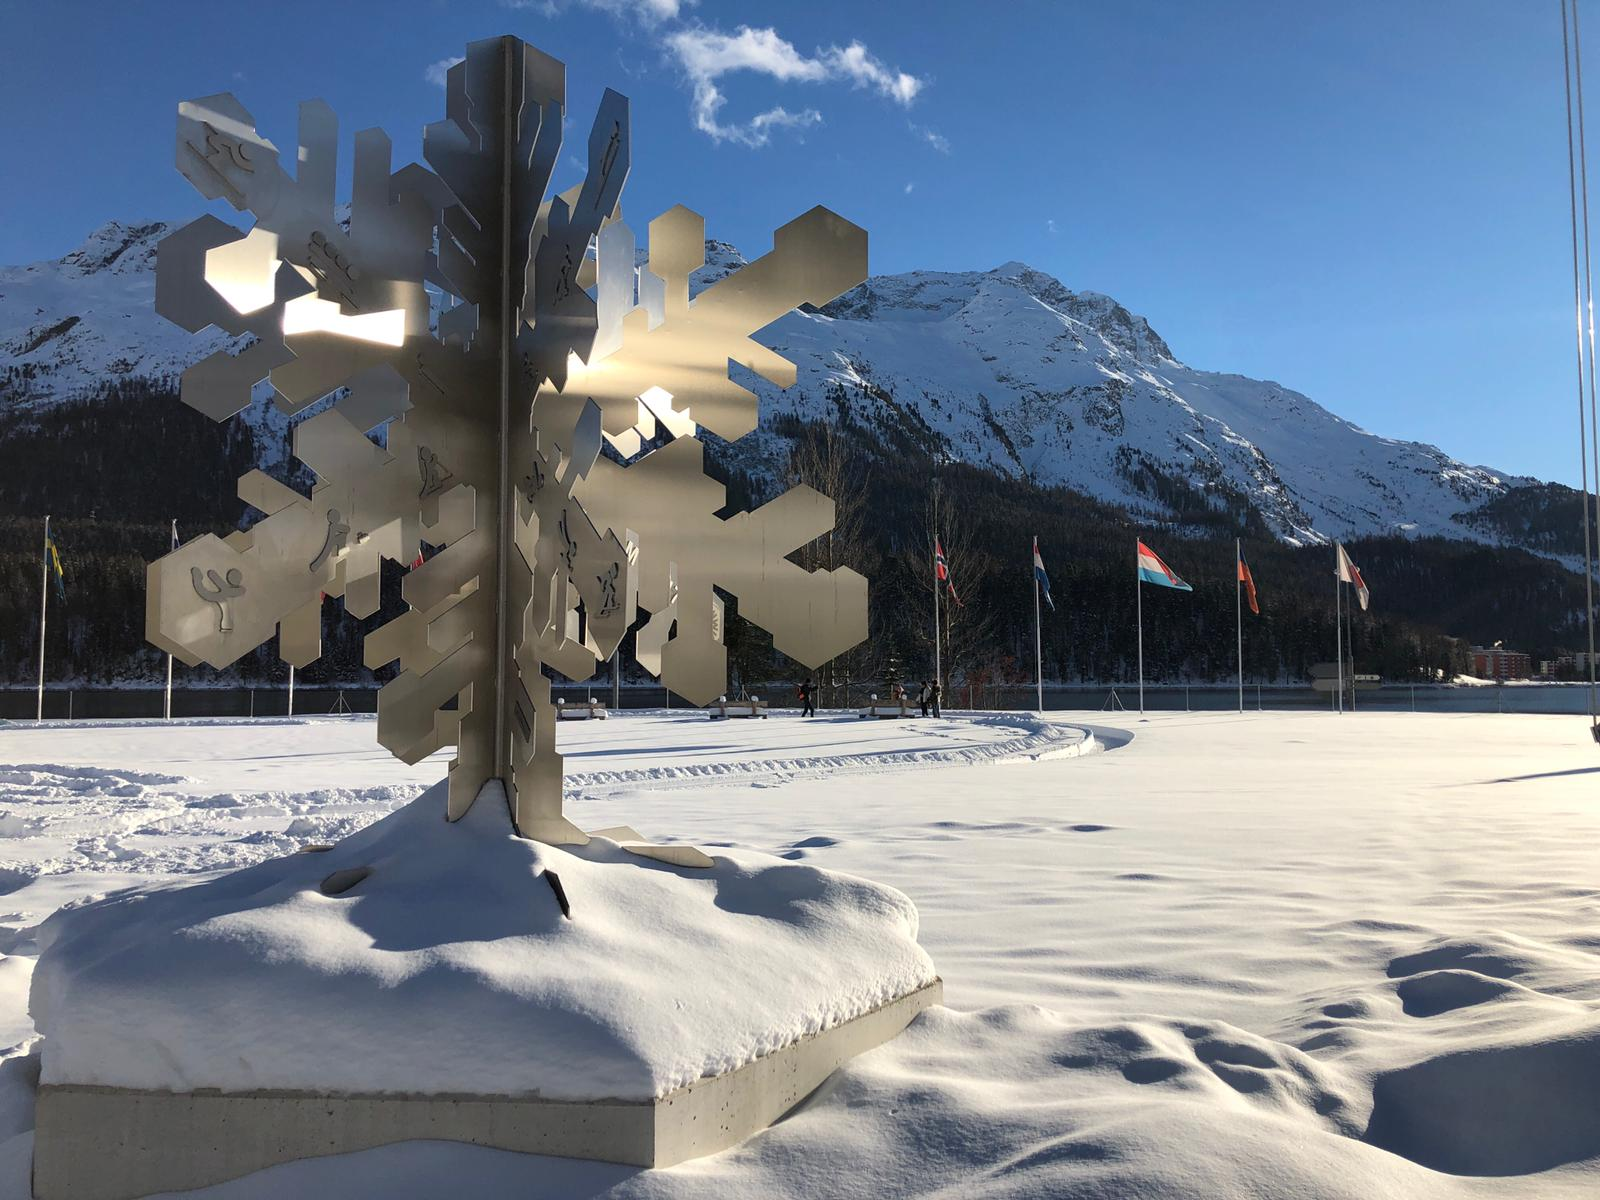 Skulptur 150 Jahre Wintertourismus Slide 1